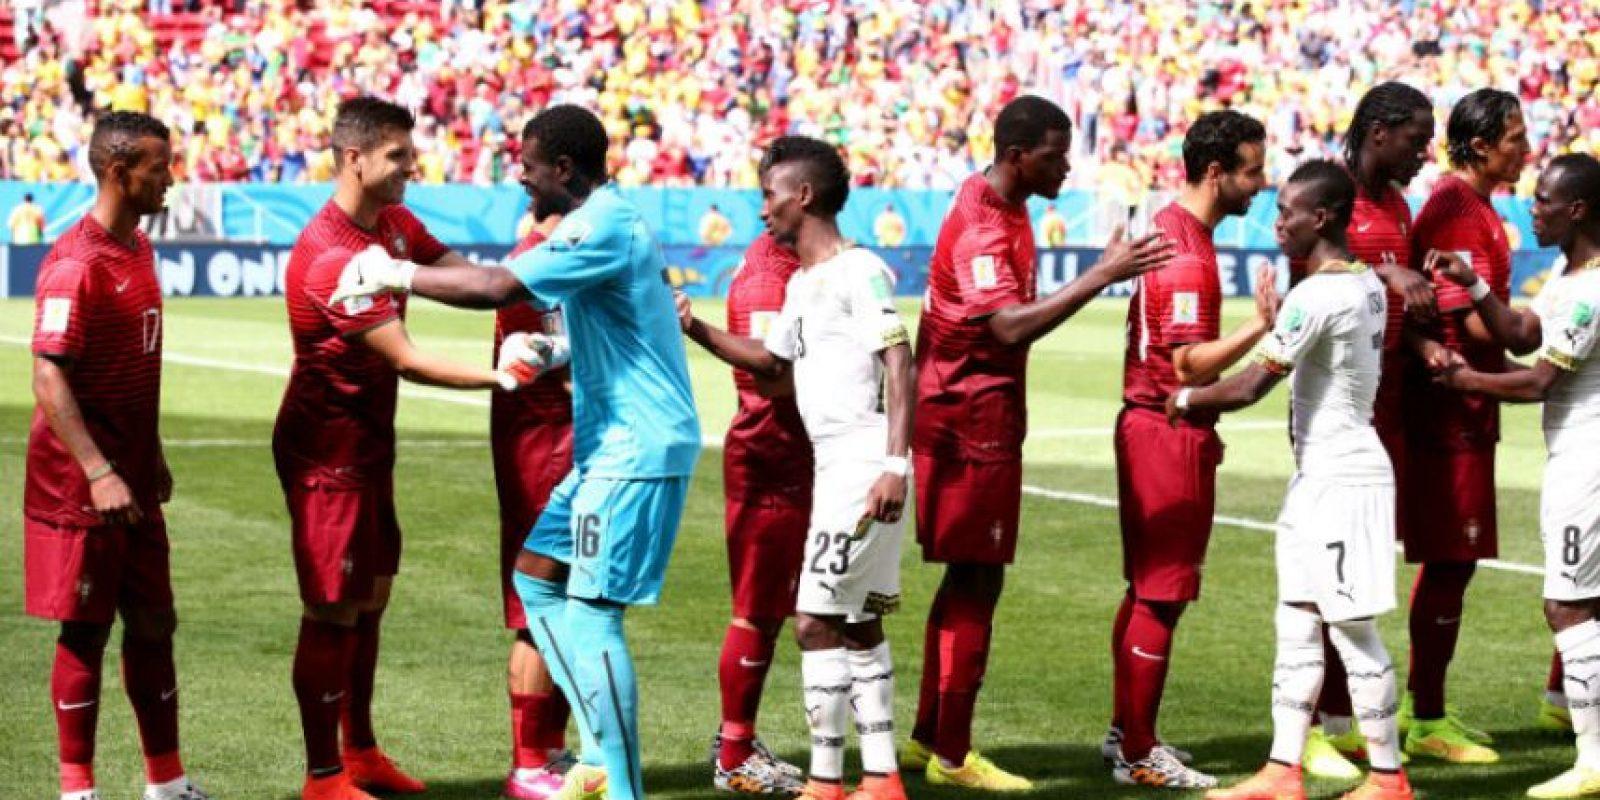 En el Mundial de 2014, los africanos exigieron tres millones de dólares que les debían en premios para jugar ante Portugal. La cantidad solicitada llegó a Brasil en un avión. Foto:Getty Images